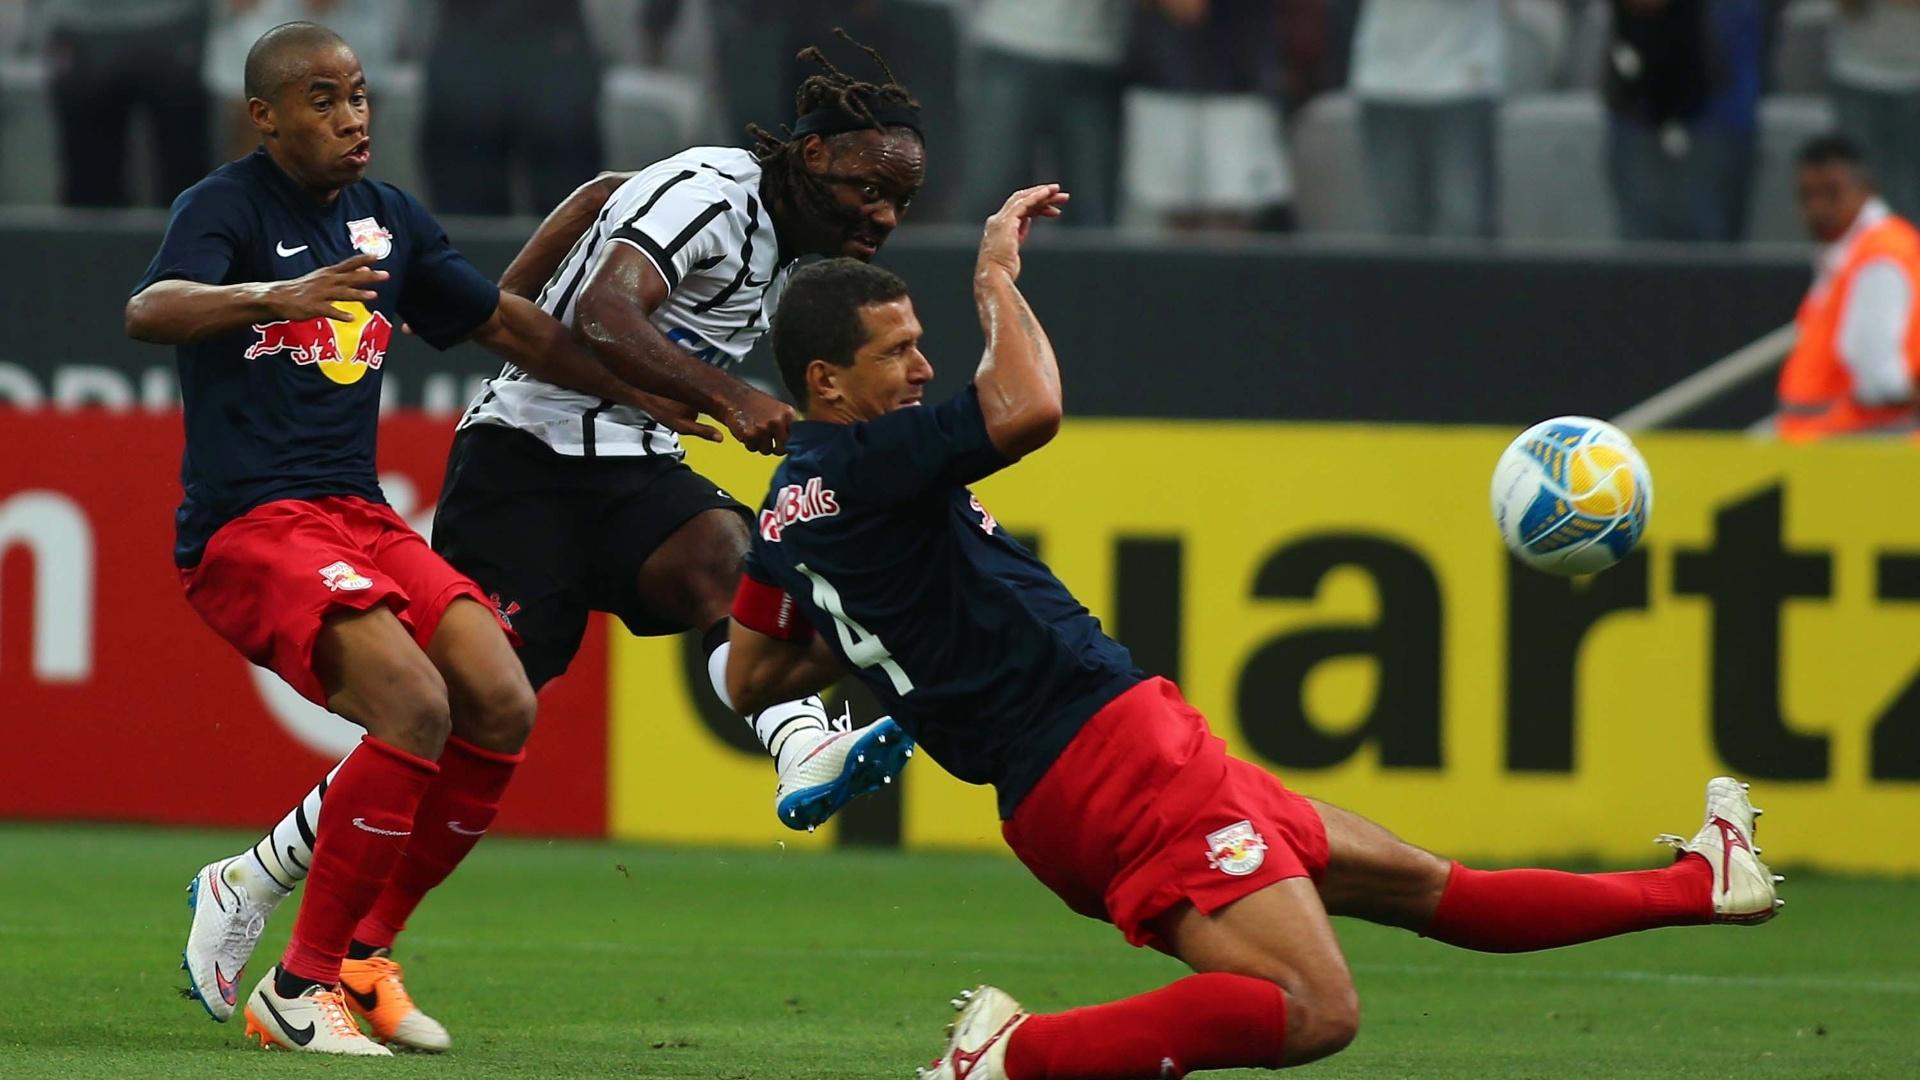 Vagner Love passa por Fabiano Eller e arrisca chute a gol no duelo Corinthians x Red Bull Brasil pelo Campeonato Paulista